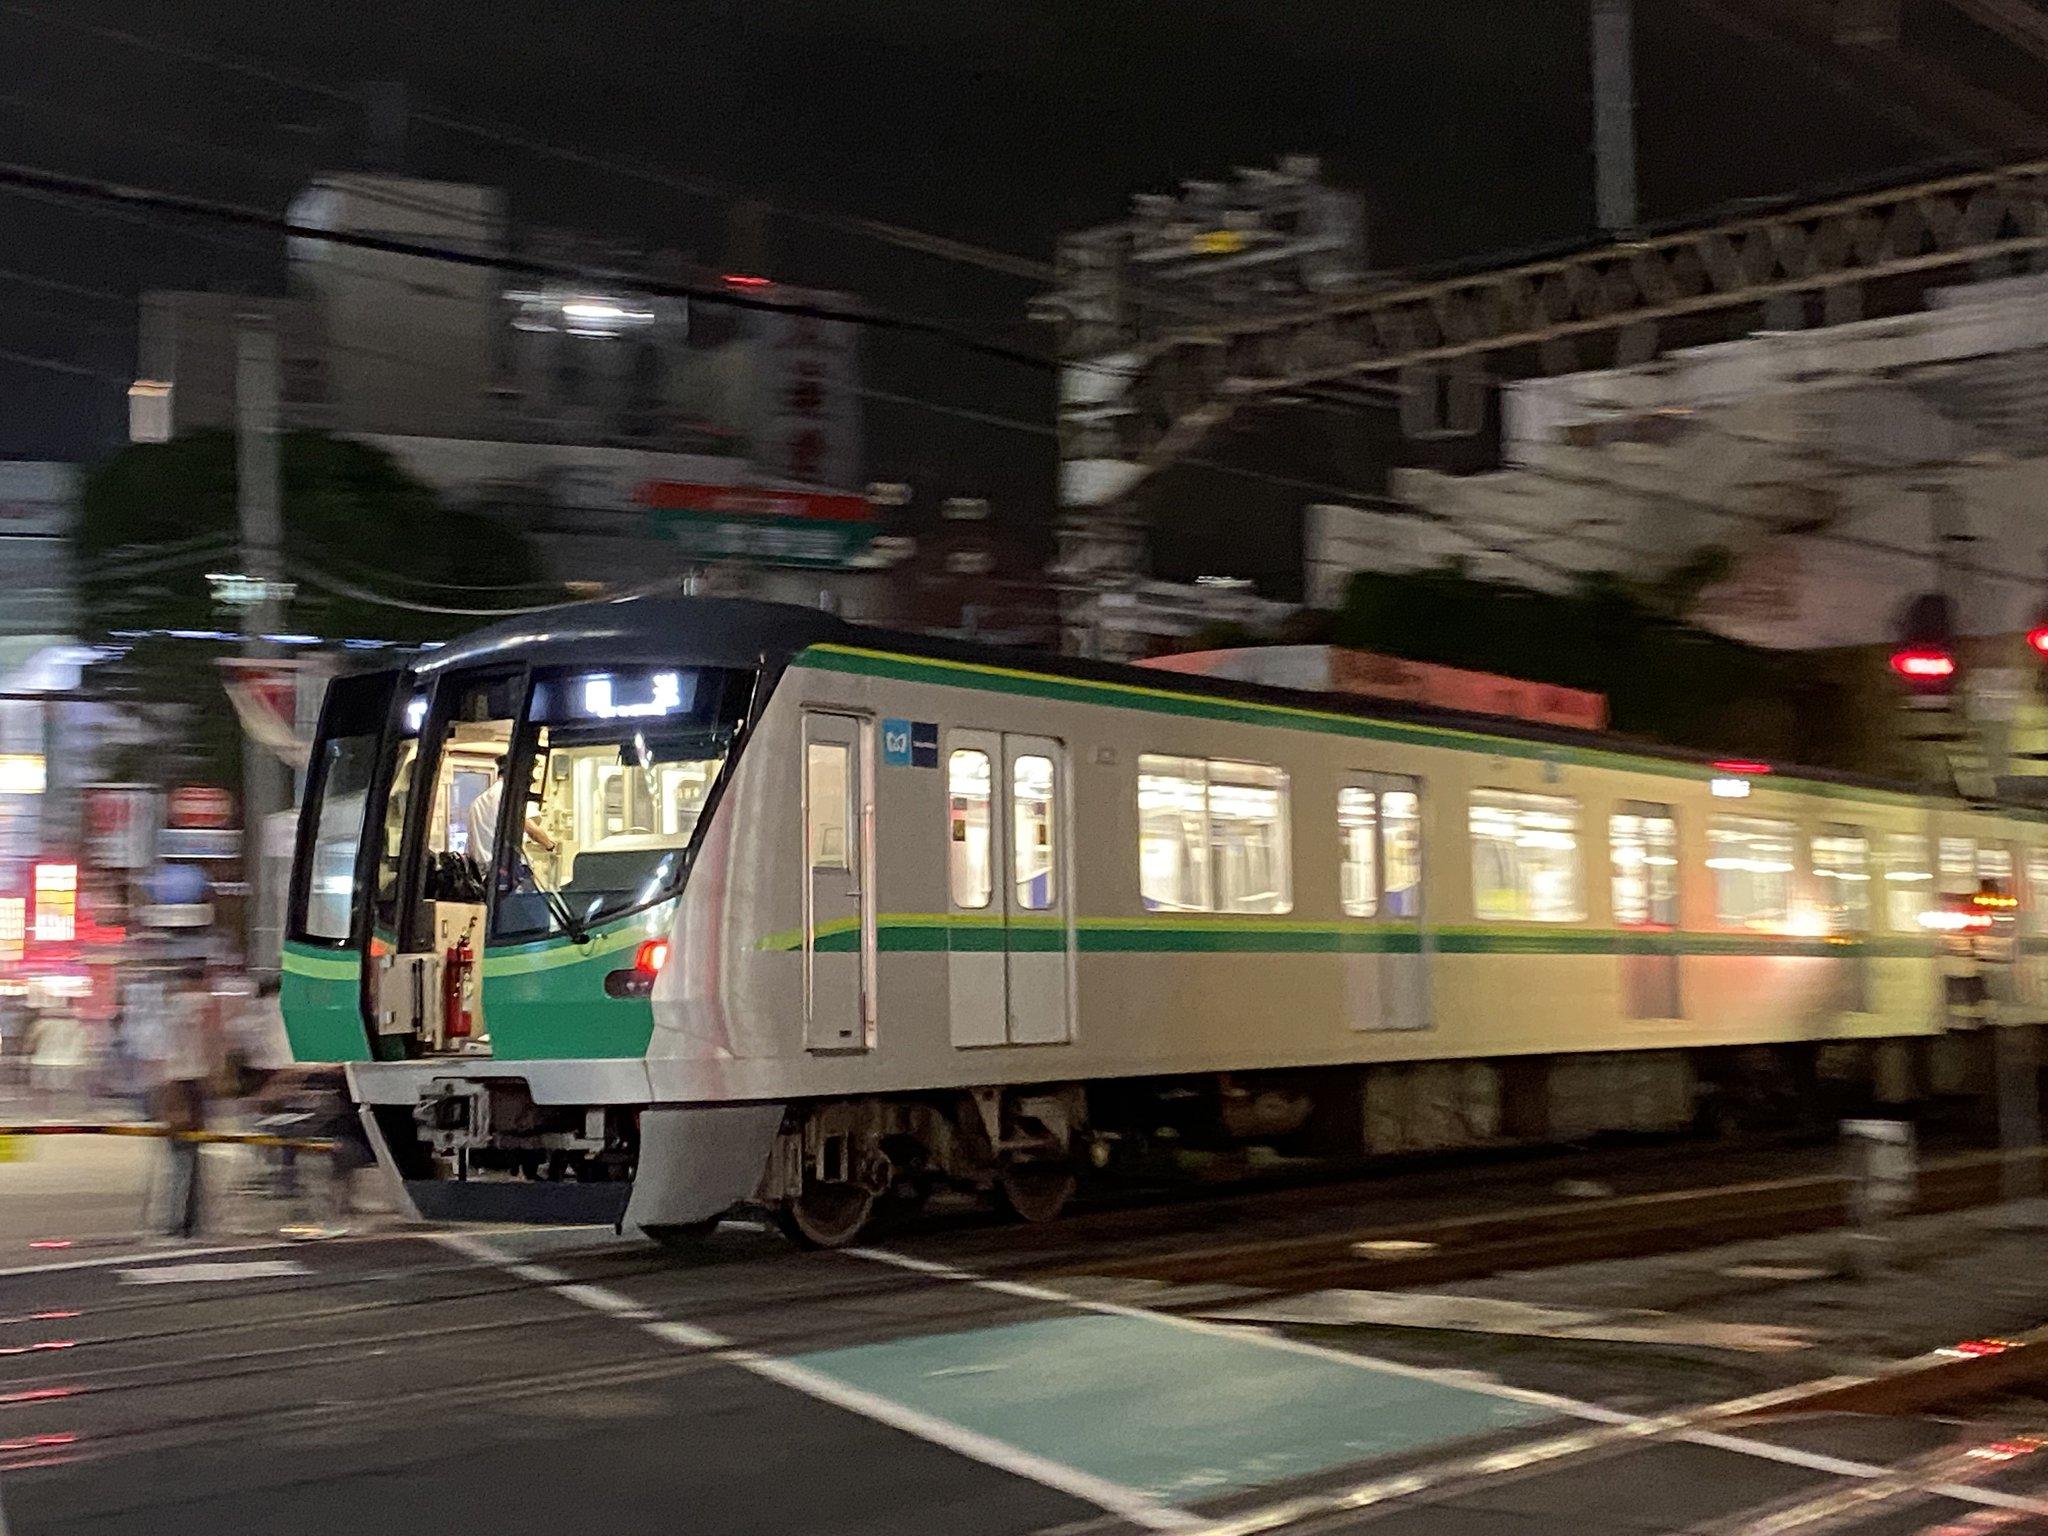 【画像】いくら喚起が大事とはいえ凄いところが開けっぱなしで走る千代田線が目撃される